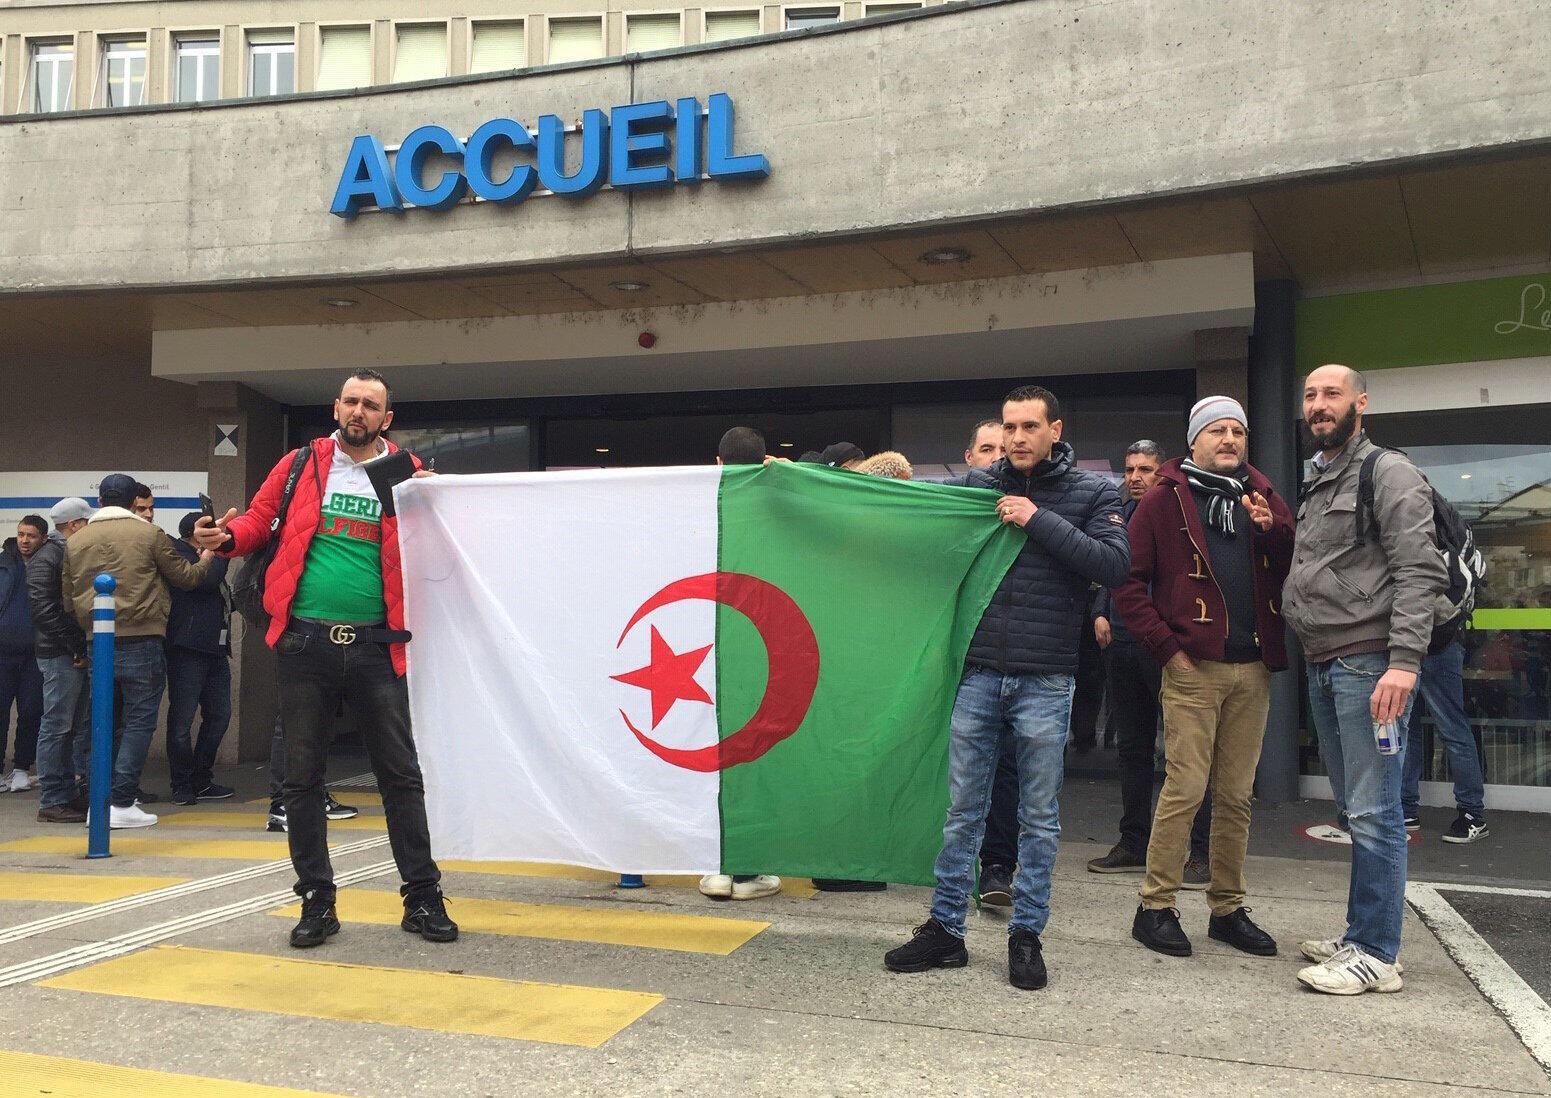 Des manifestants contre un cinquième mandat du président Bouteflika se sont rassemblés devant l'hopitâl où il est actuellement soigné à Genève le 8 mars 2019.